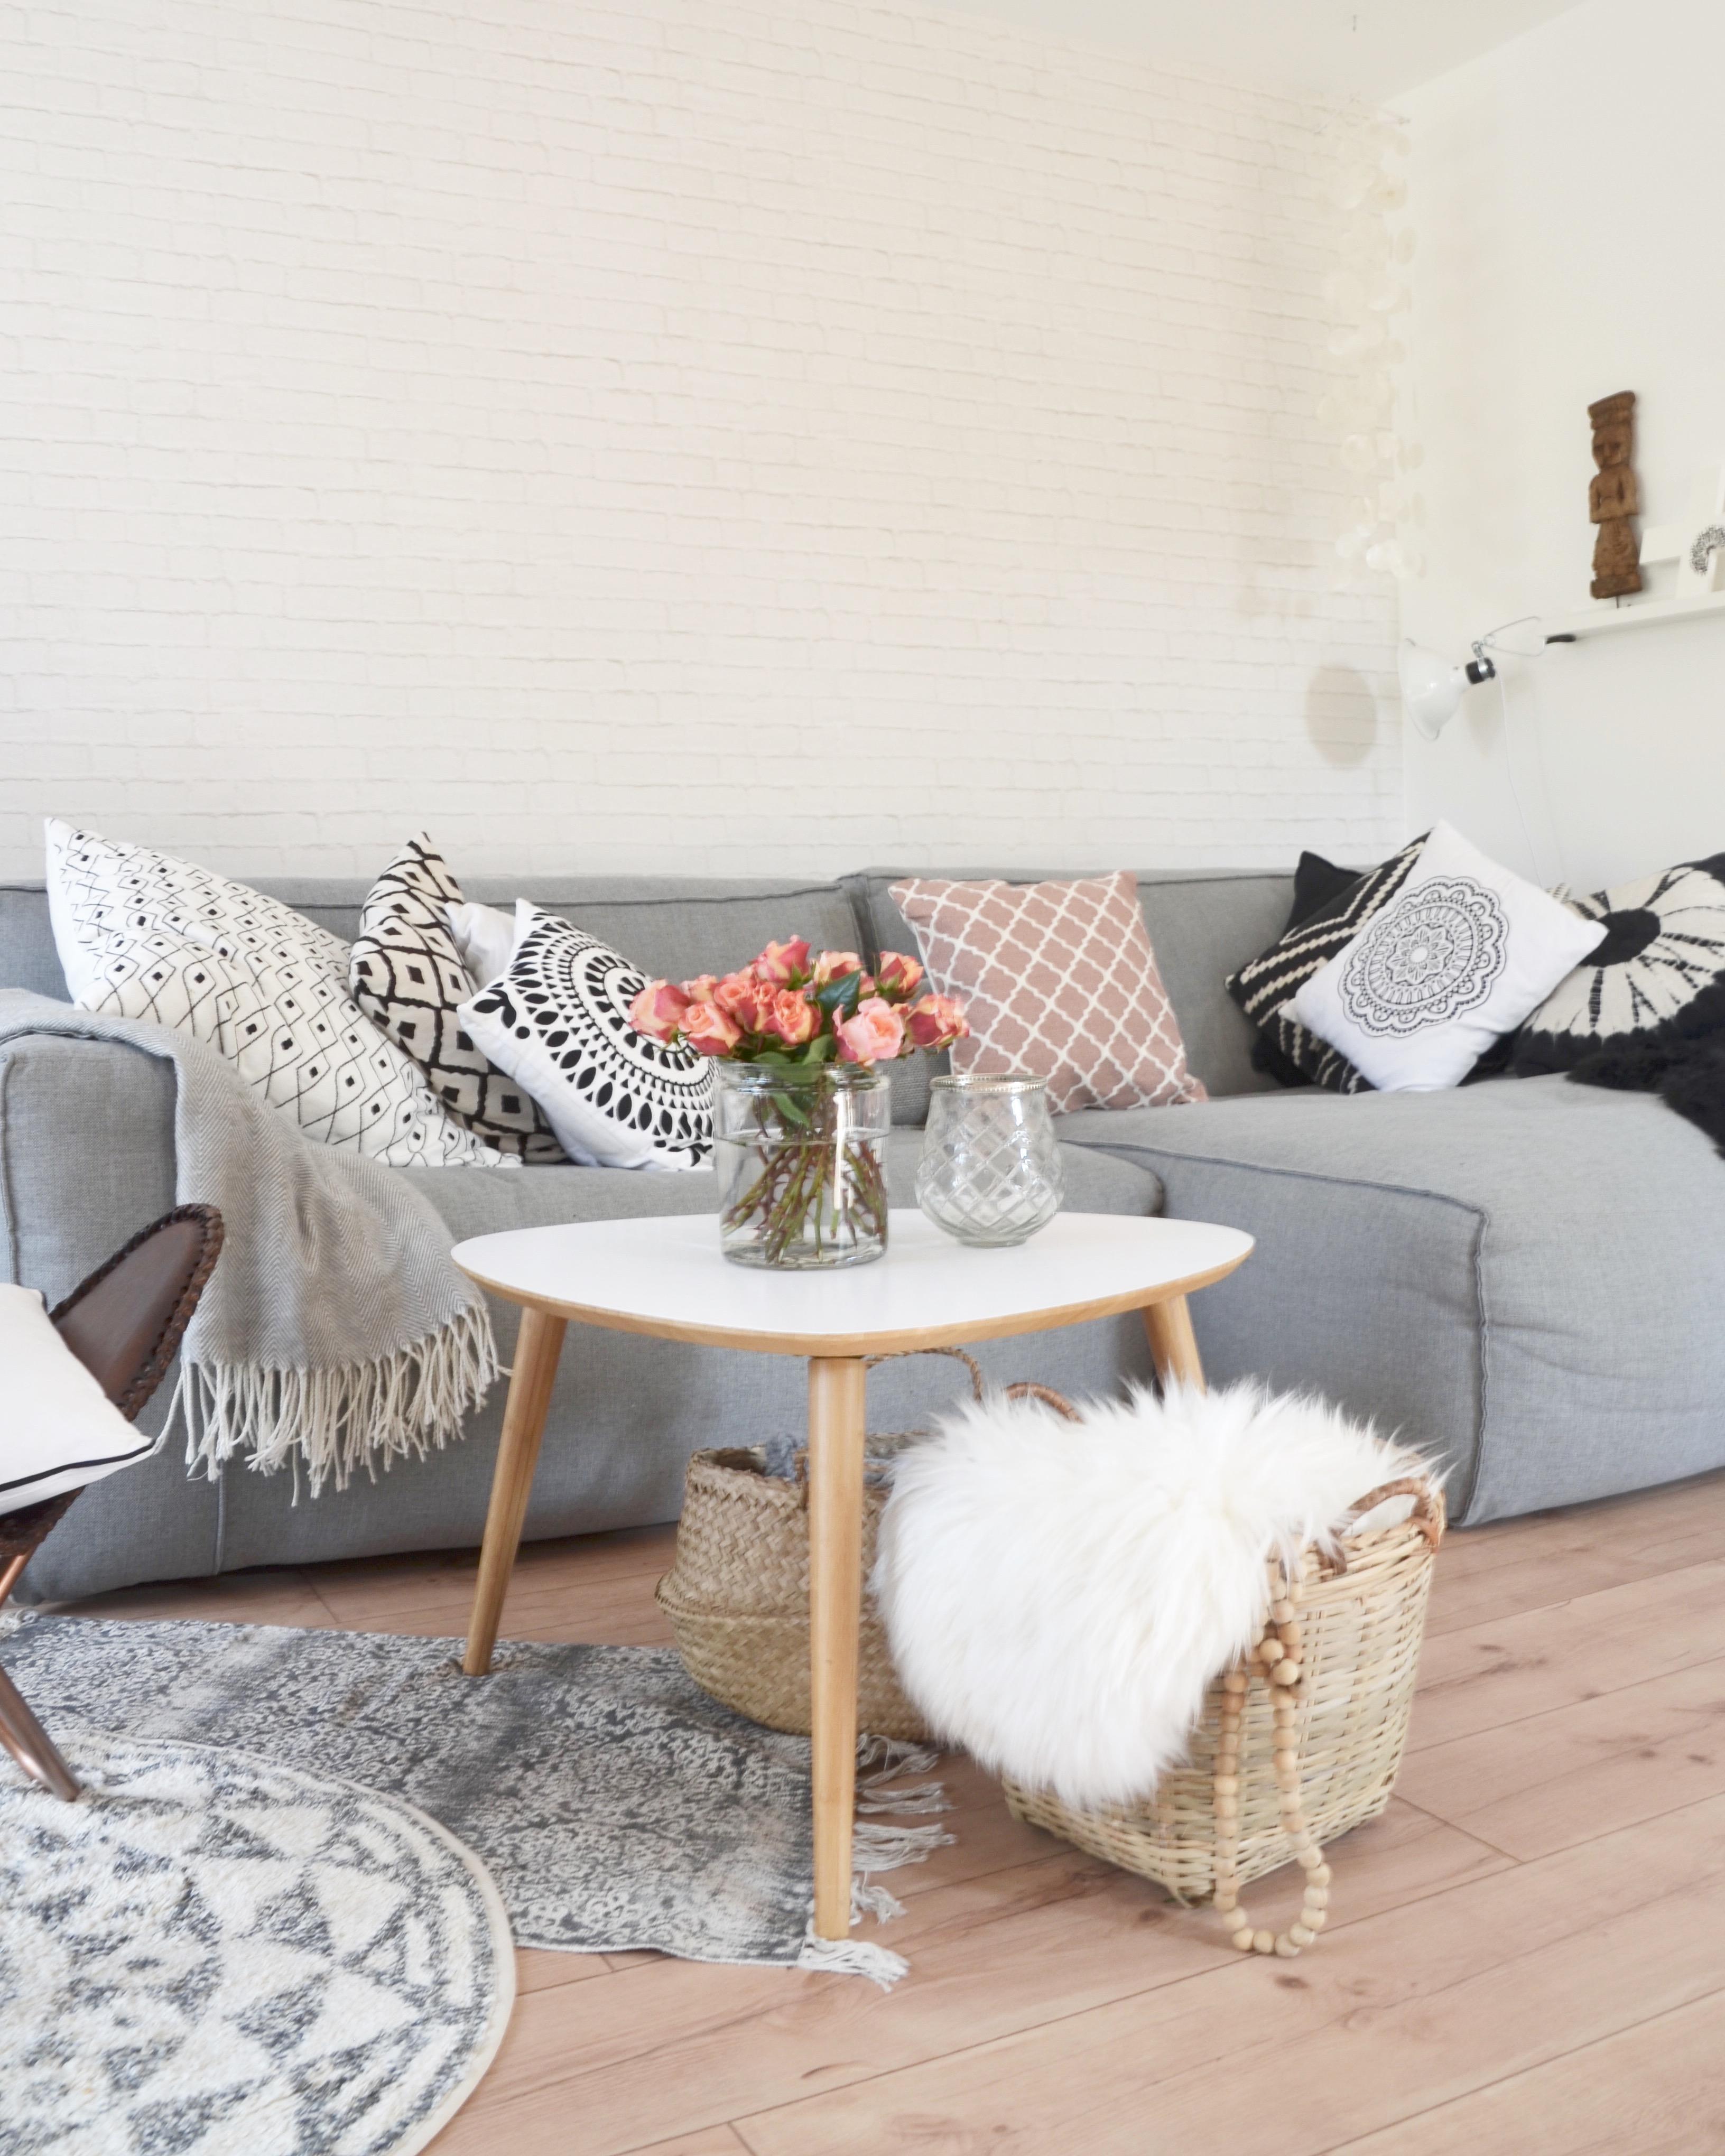 Ohne Eine Gemtliche Couch Mit Vielen Kissen Geht Es